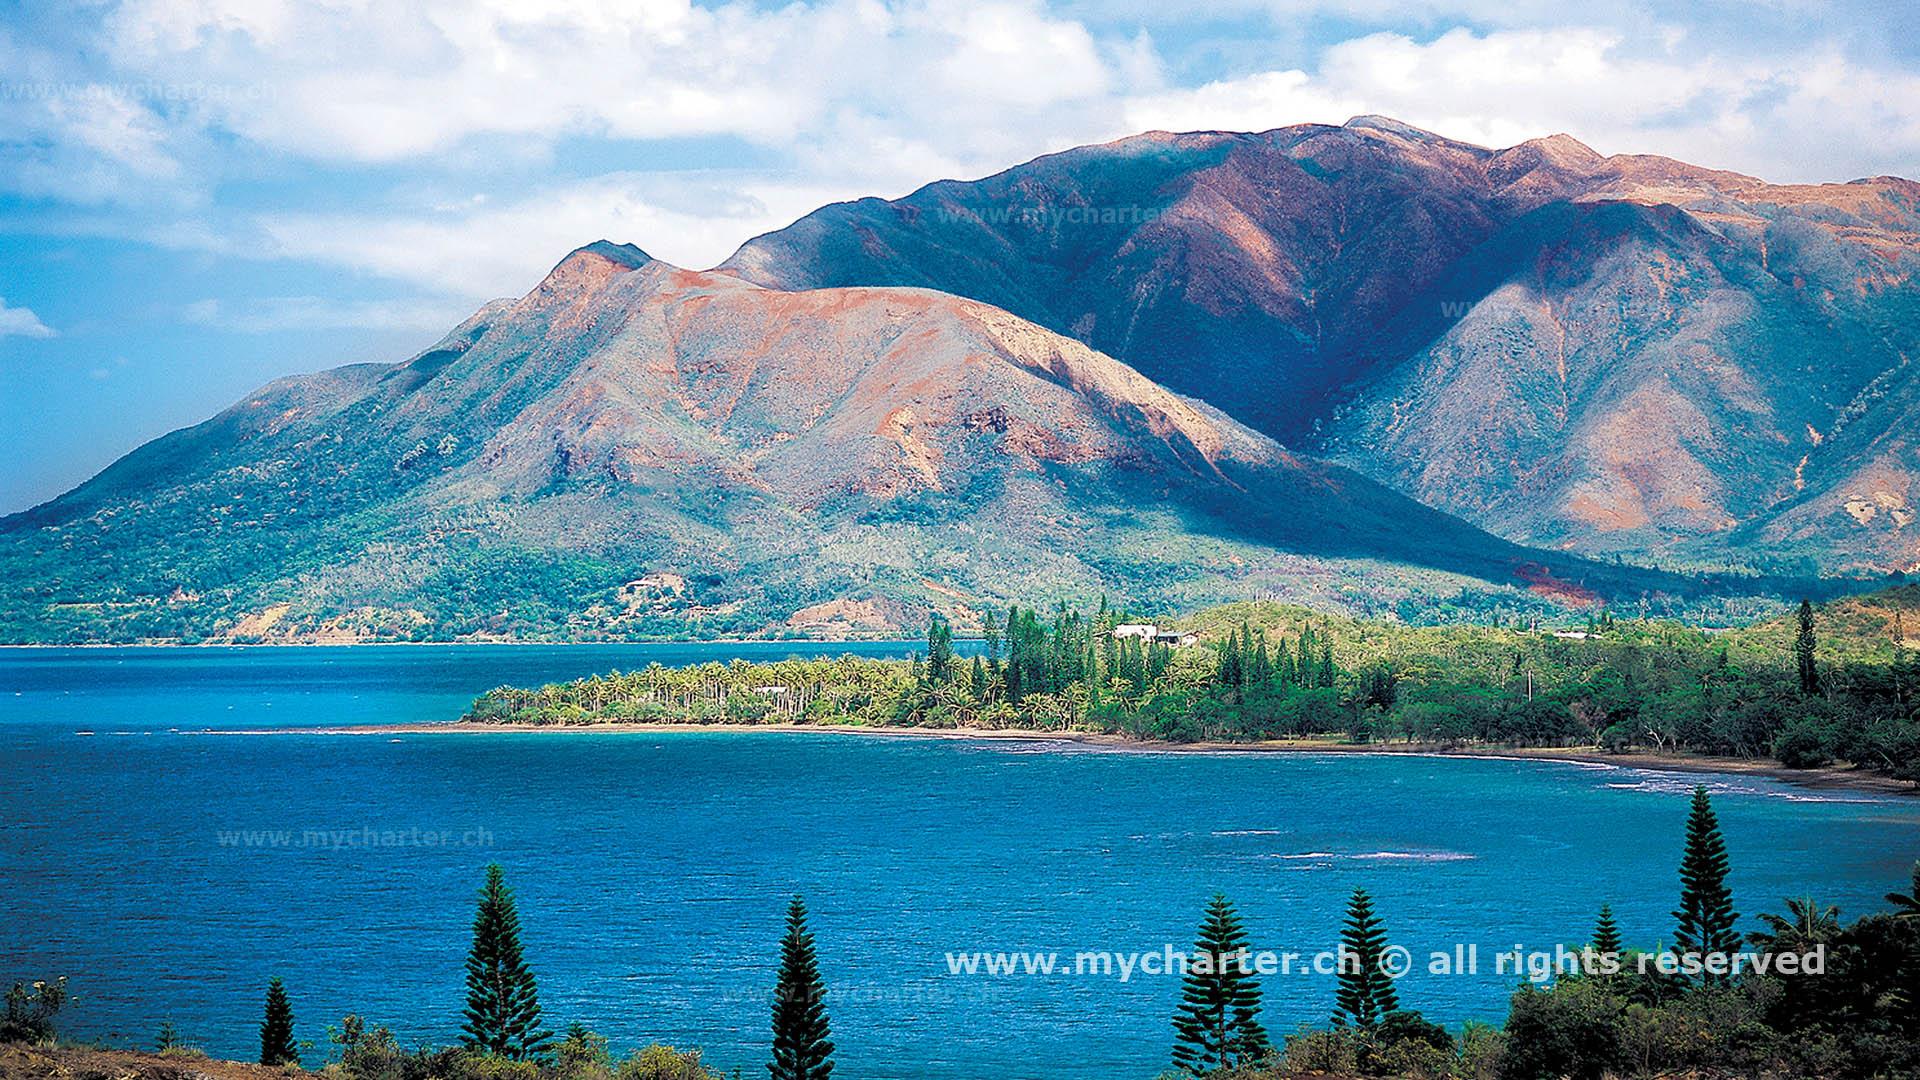 Yachtcharter Neukaledonien - Mont d'Oré